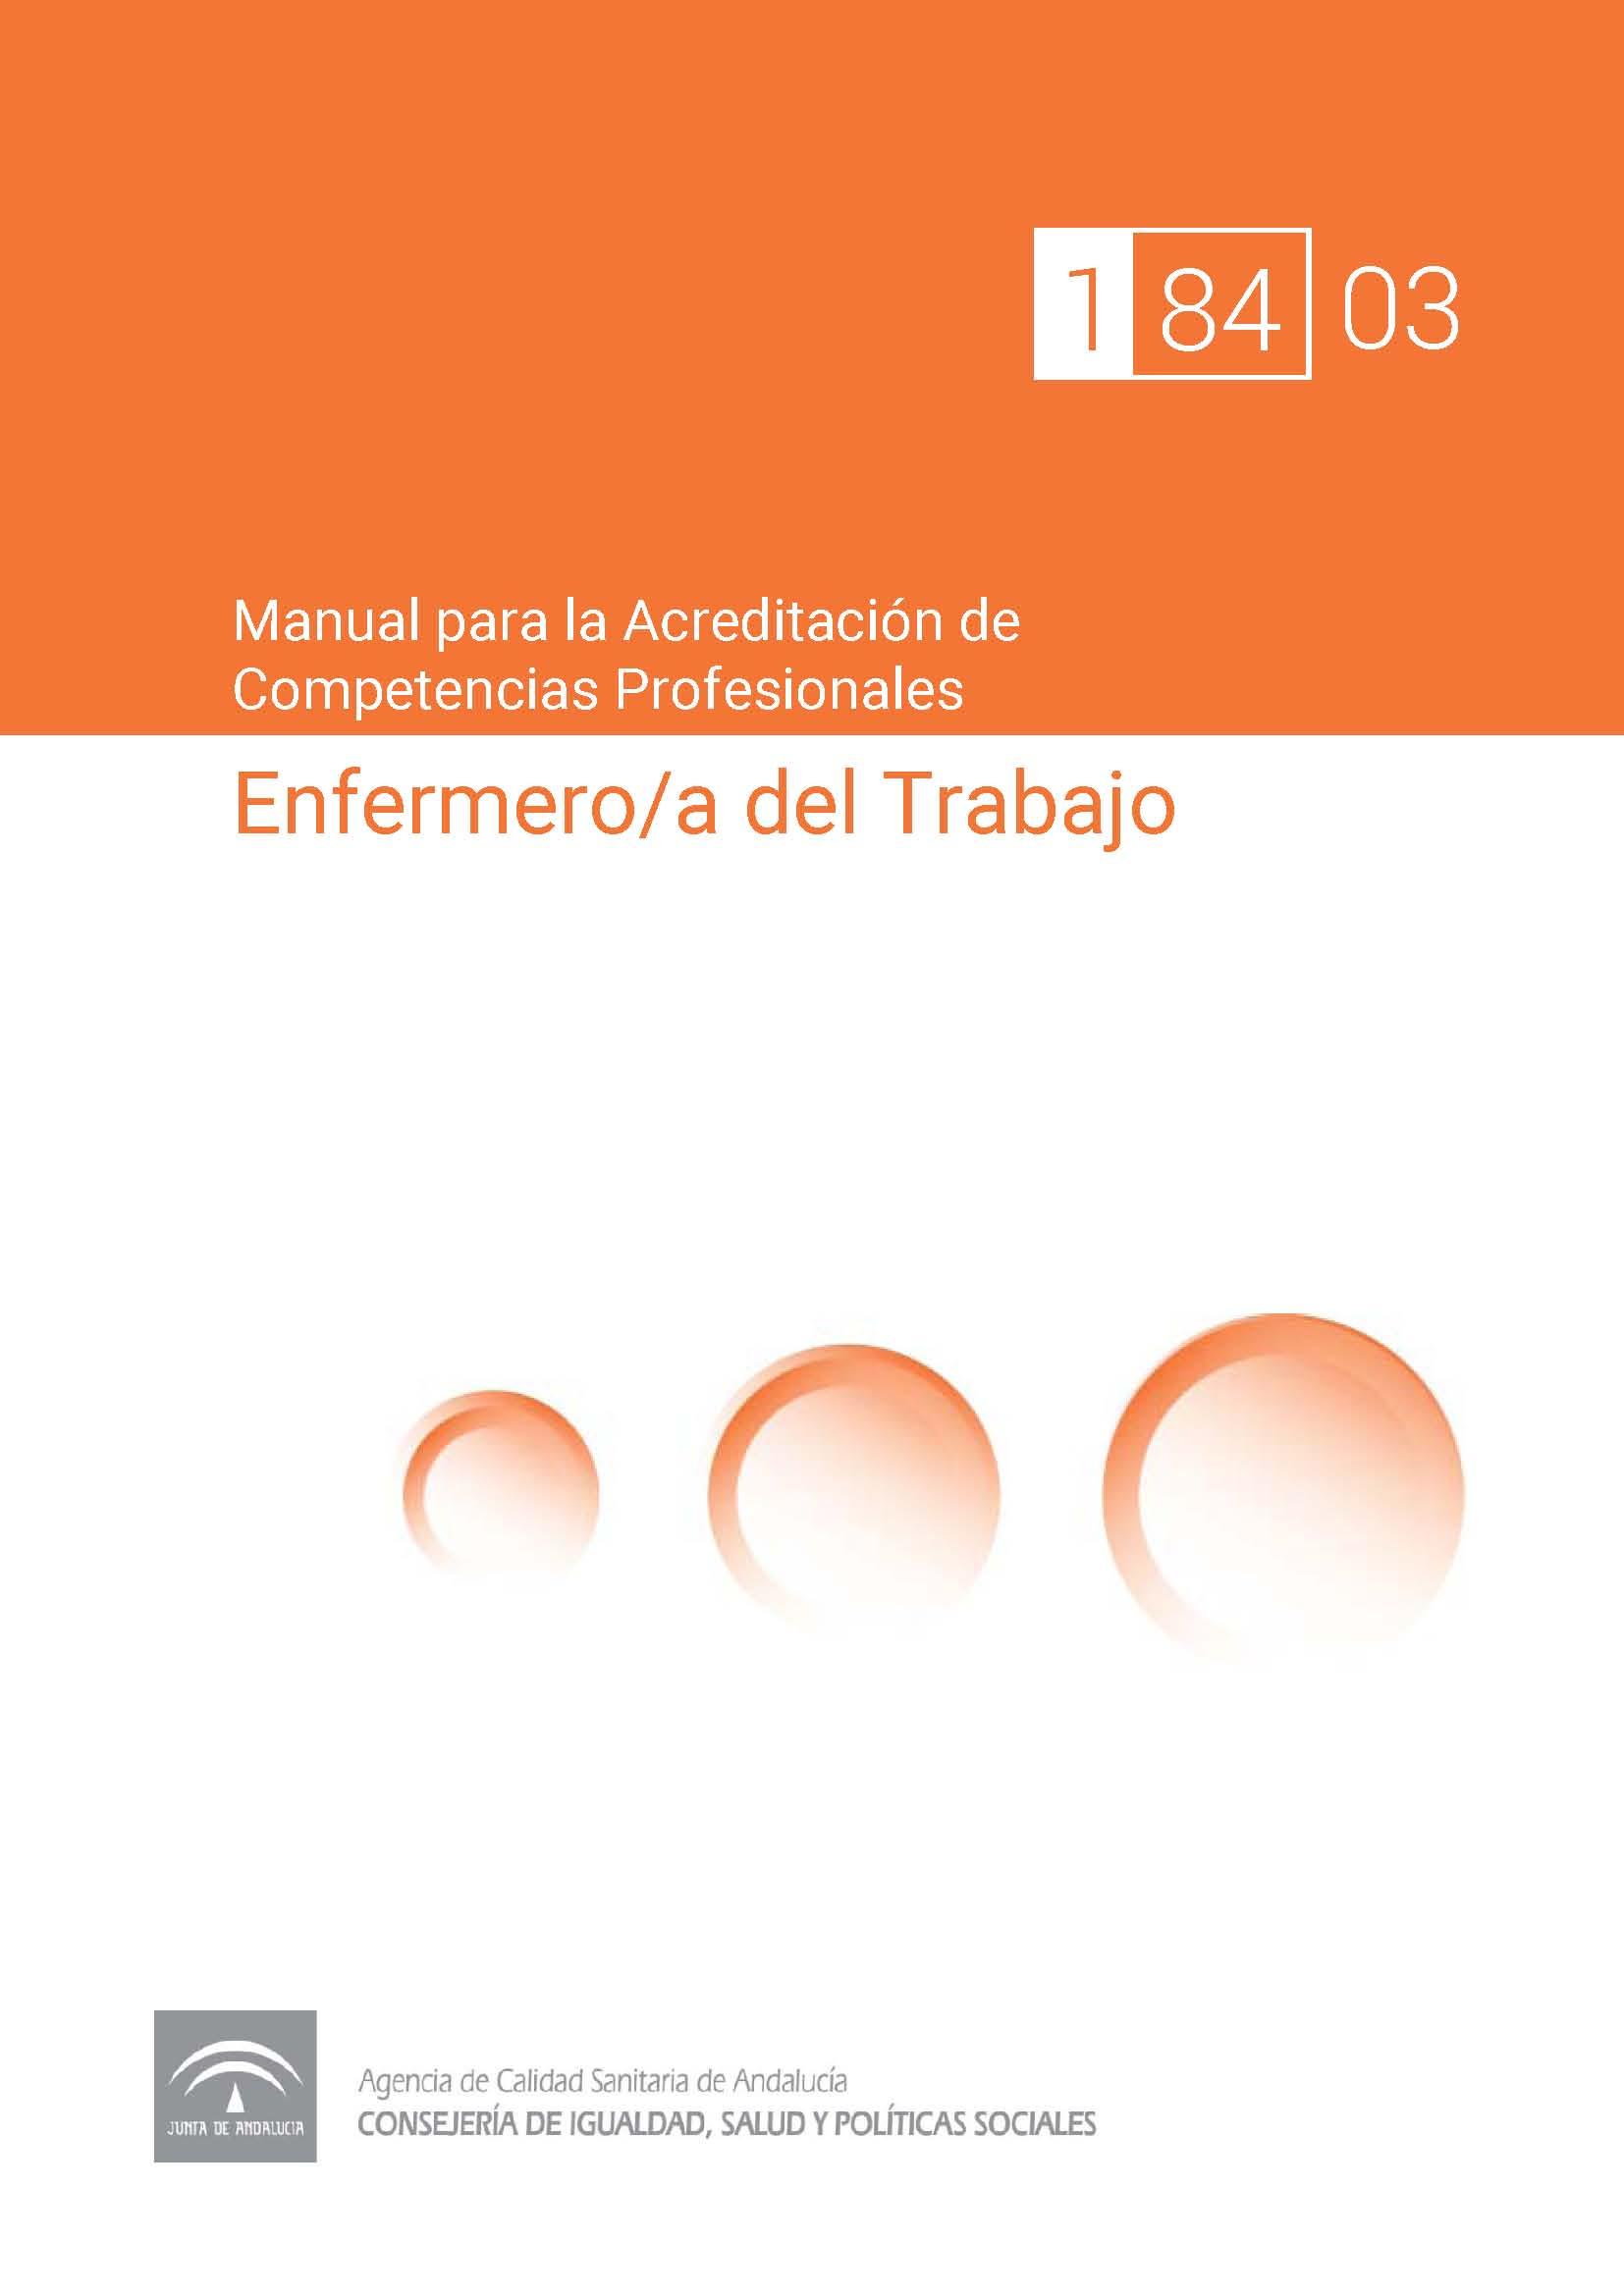 Manual de competencias profesionales del/de la Enfermera/o del Trabajo